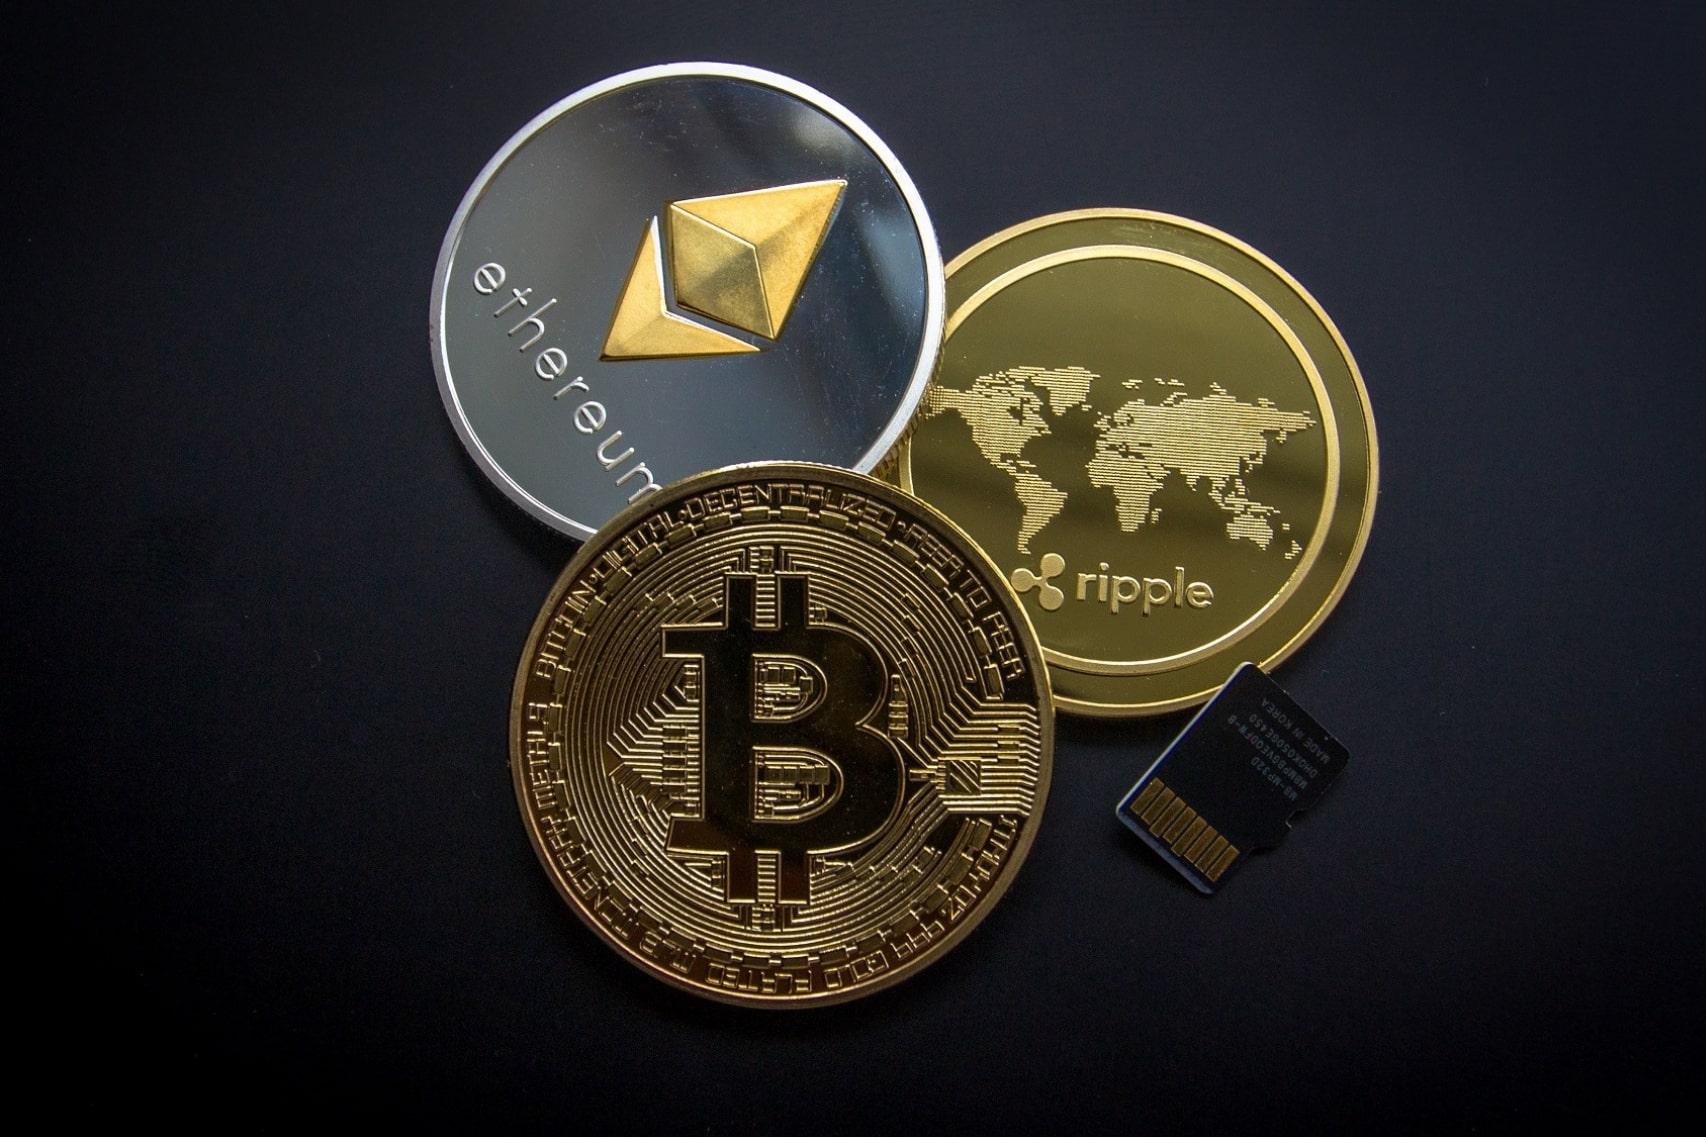 Kāpēc Bitcoin kazino ir tik populāri - Kas ir Ripple?